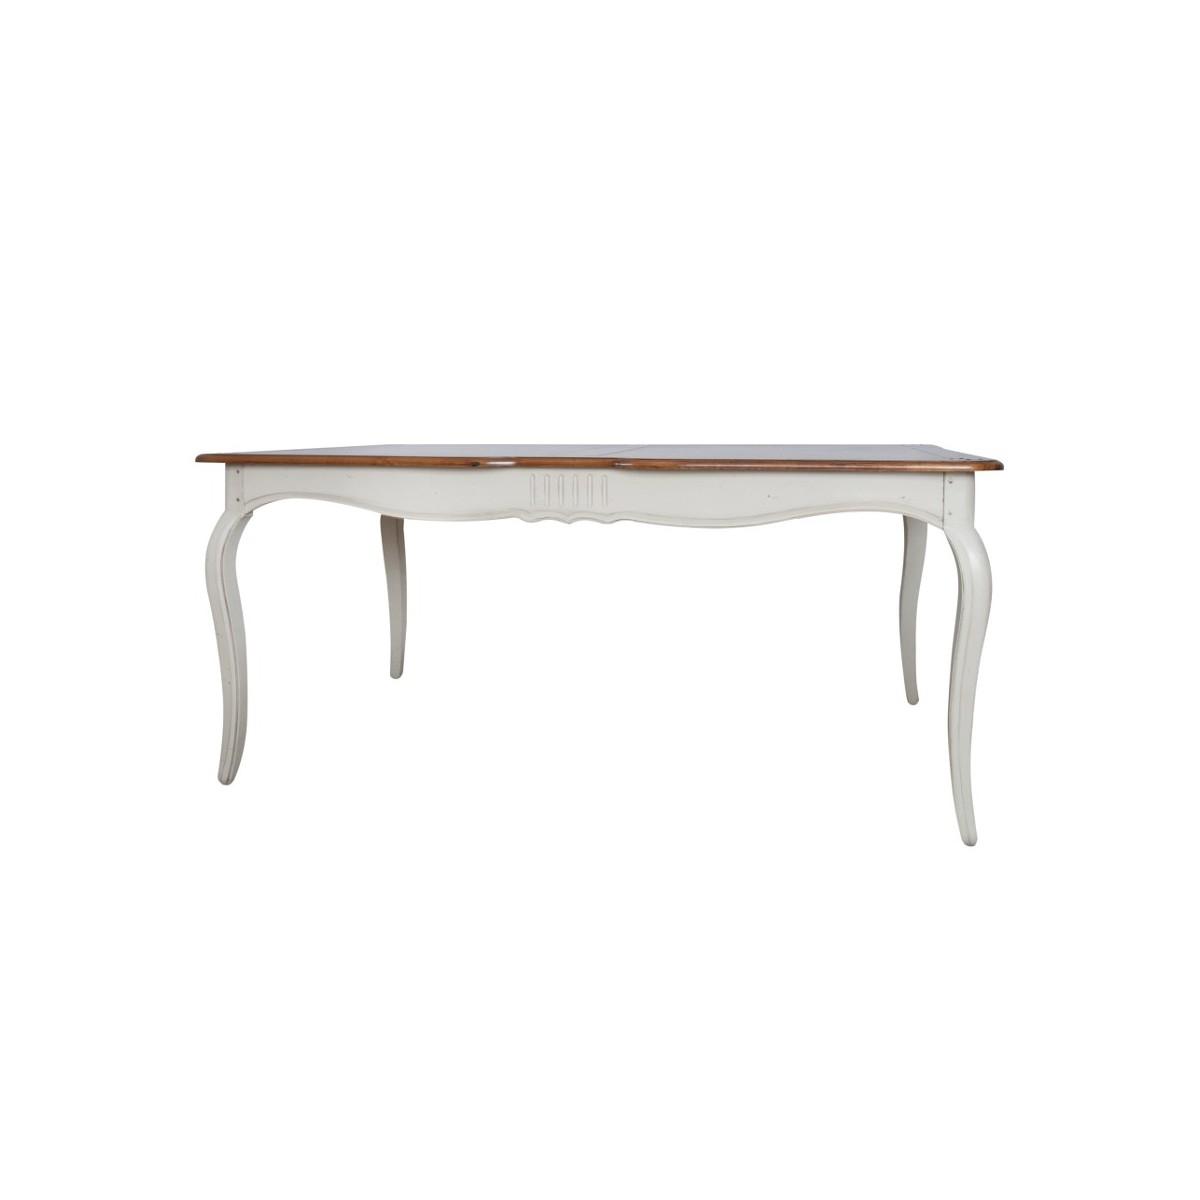 Masa din lemn de mesteacan, Verona VE810, L168xl103xh77 cm imagine